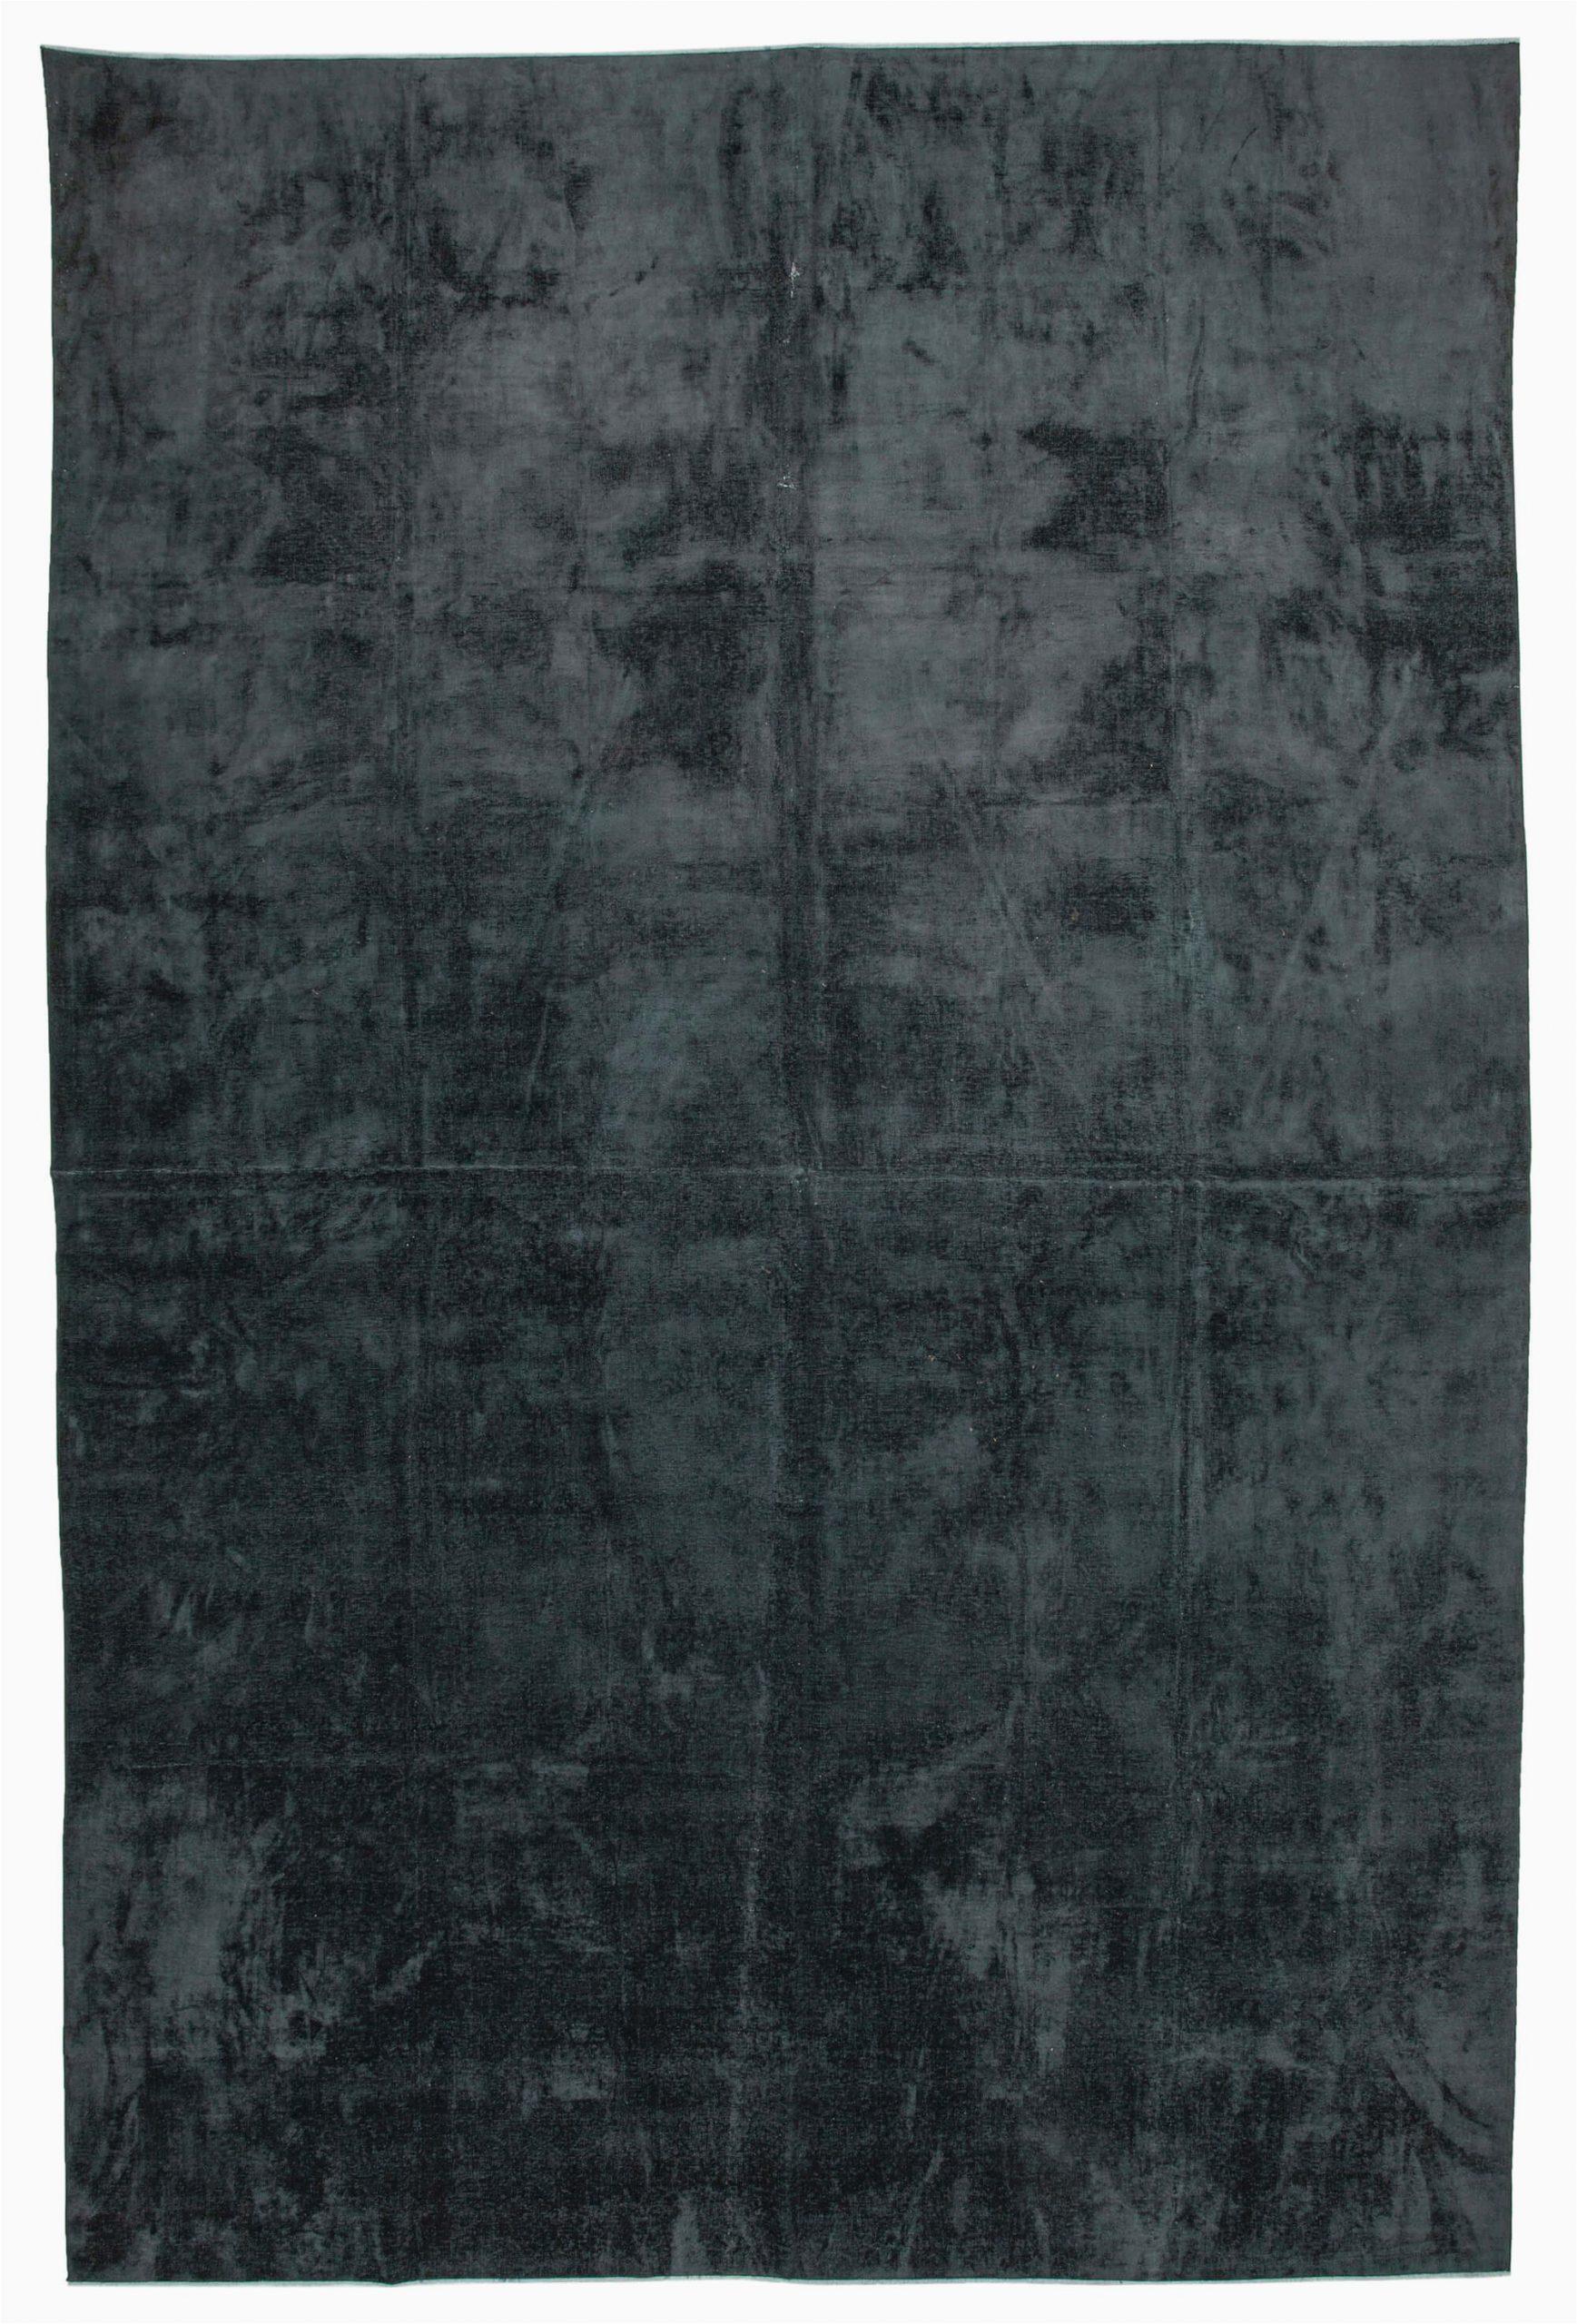 11x17 black overdyed large area rug 2416